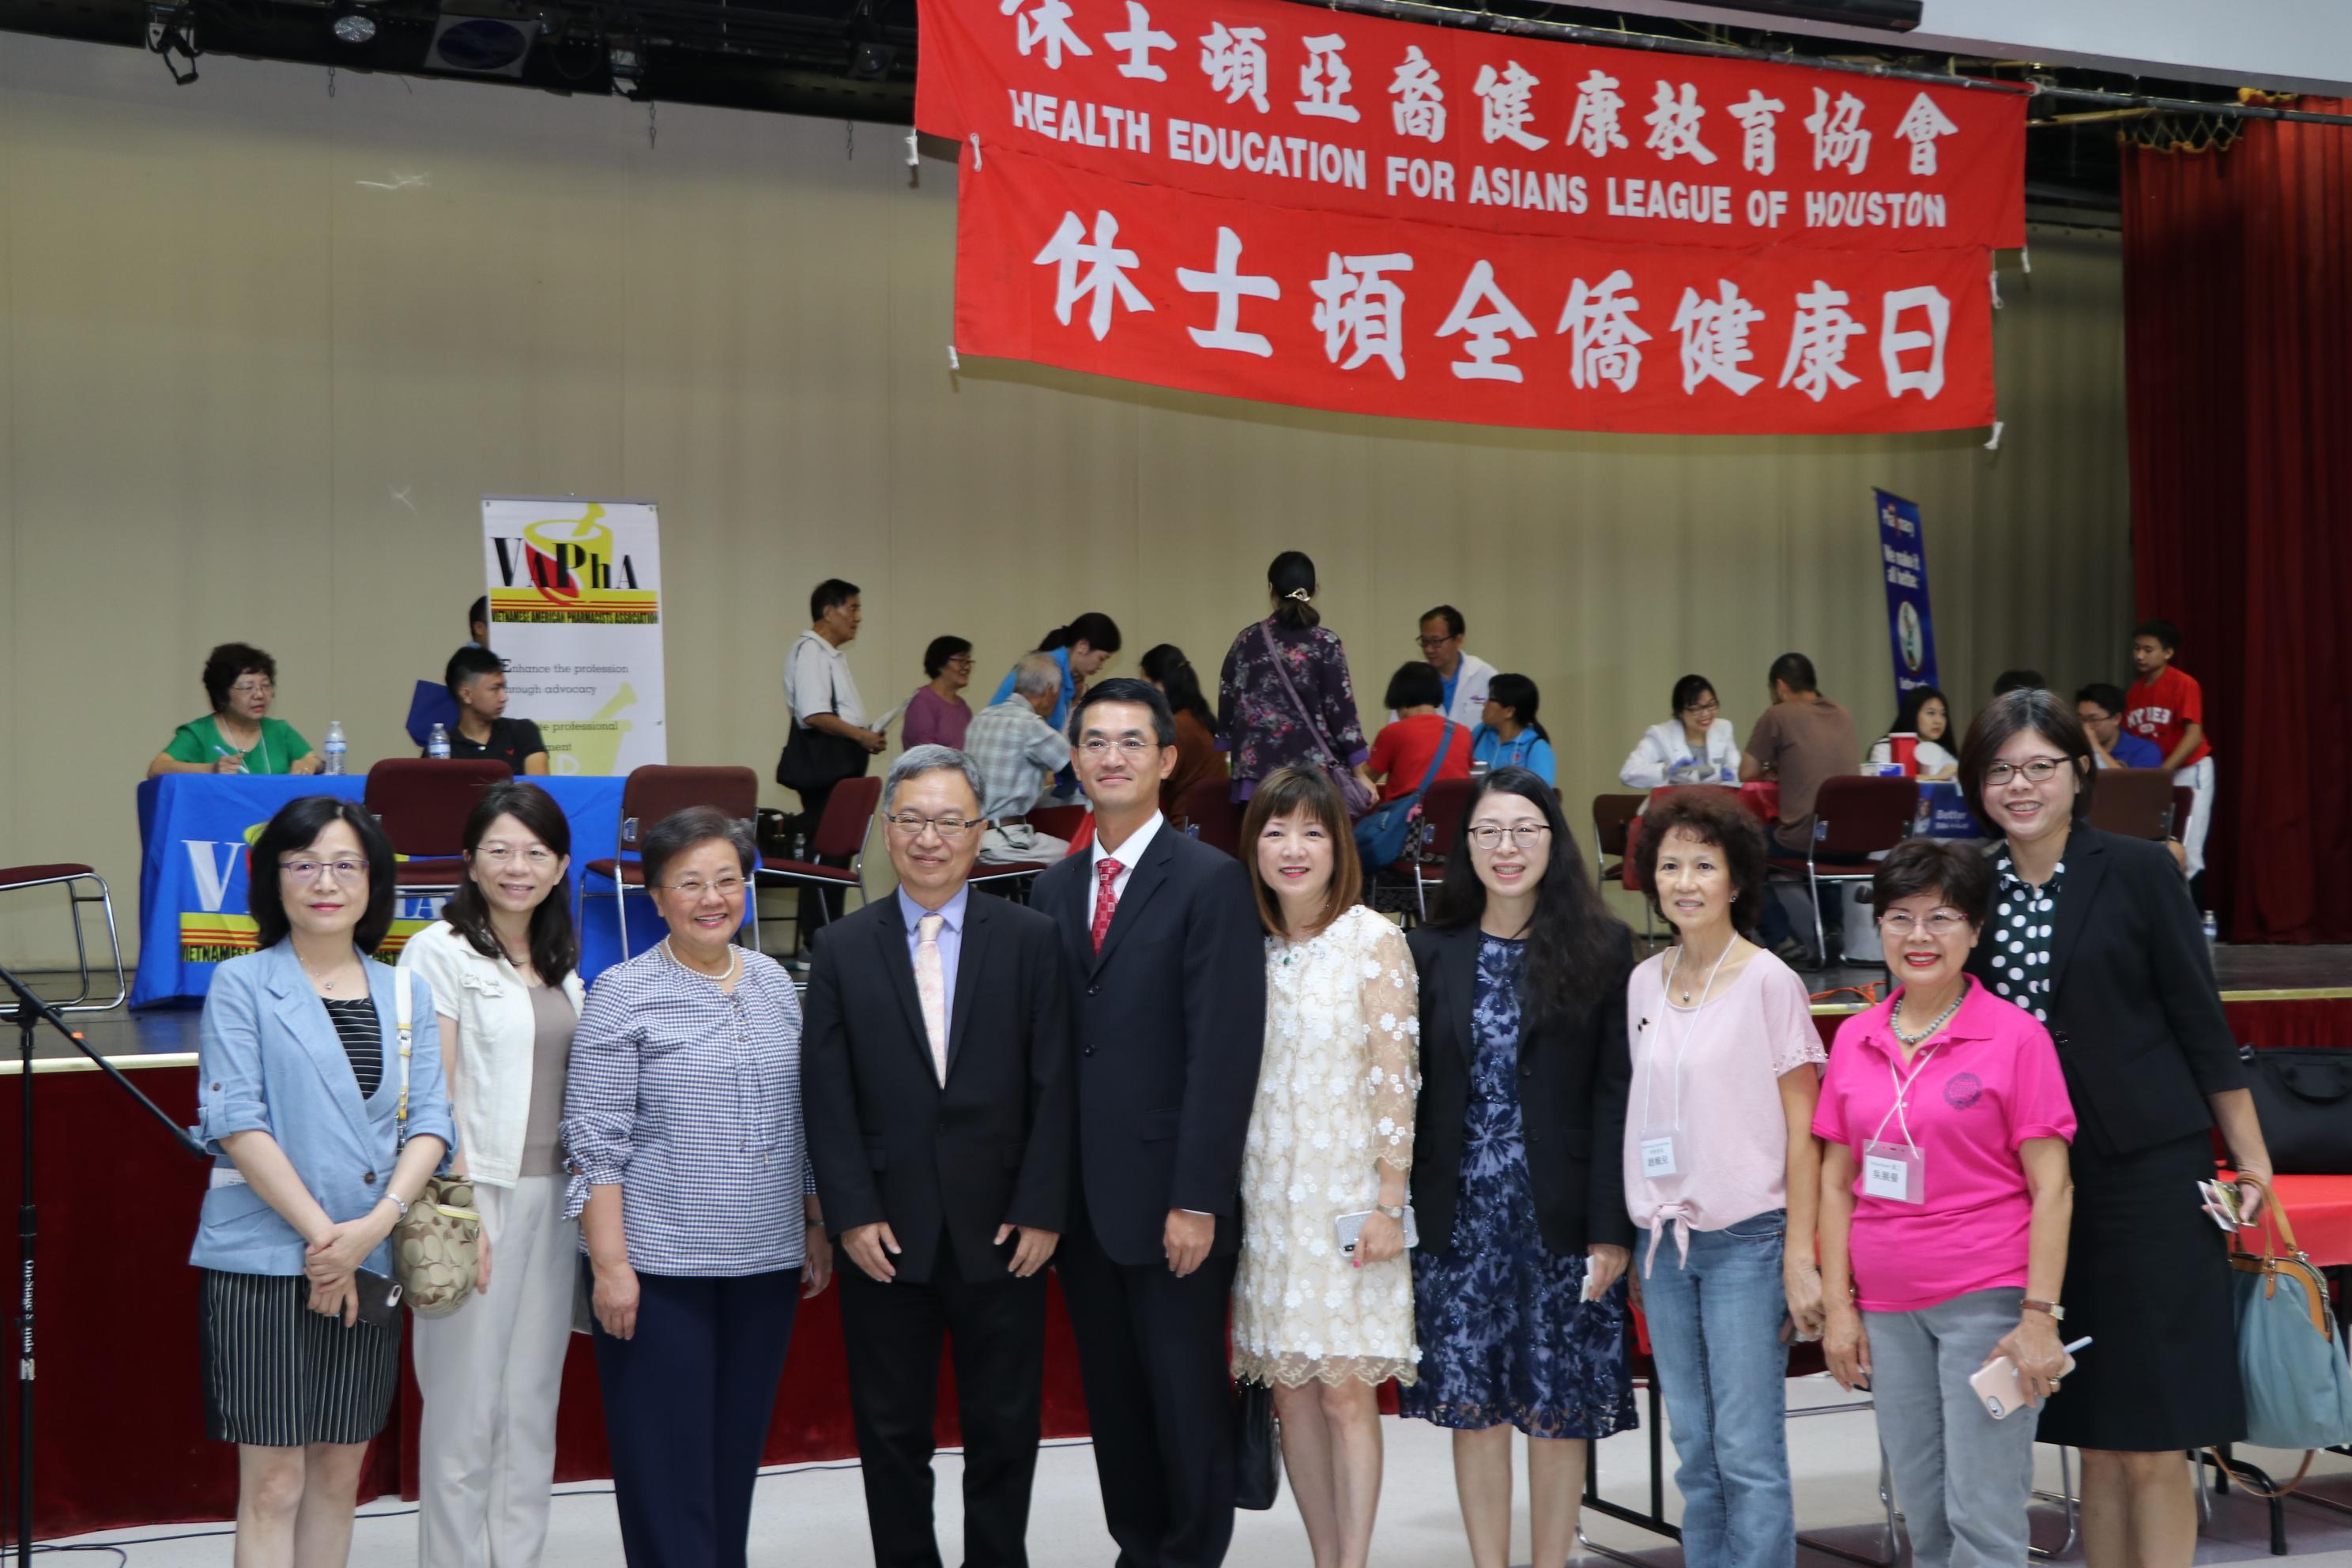 中華民國衛生福利部常務次長薛瑞元(左四)在駐休士頓台北經文處處長陳家彥(左五)陪同下來到會場。